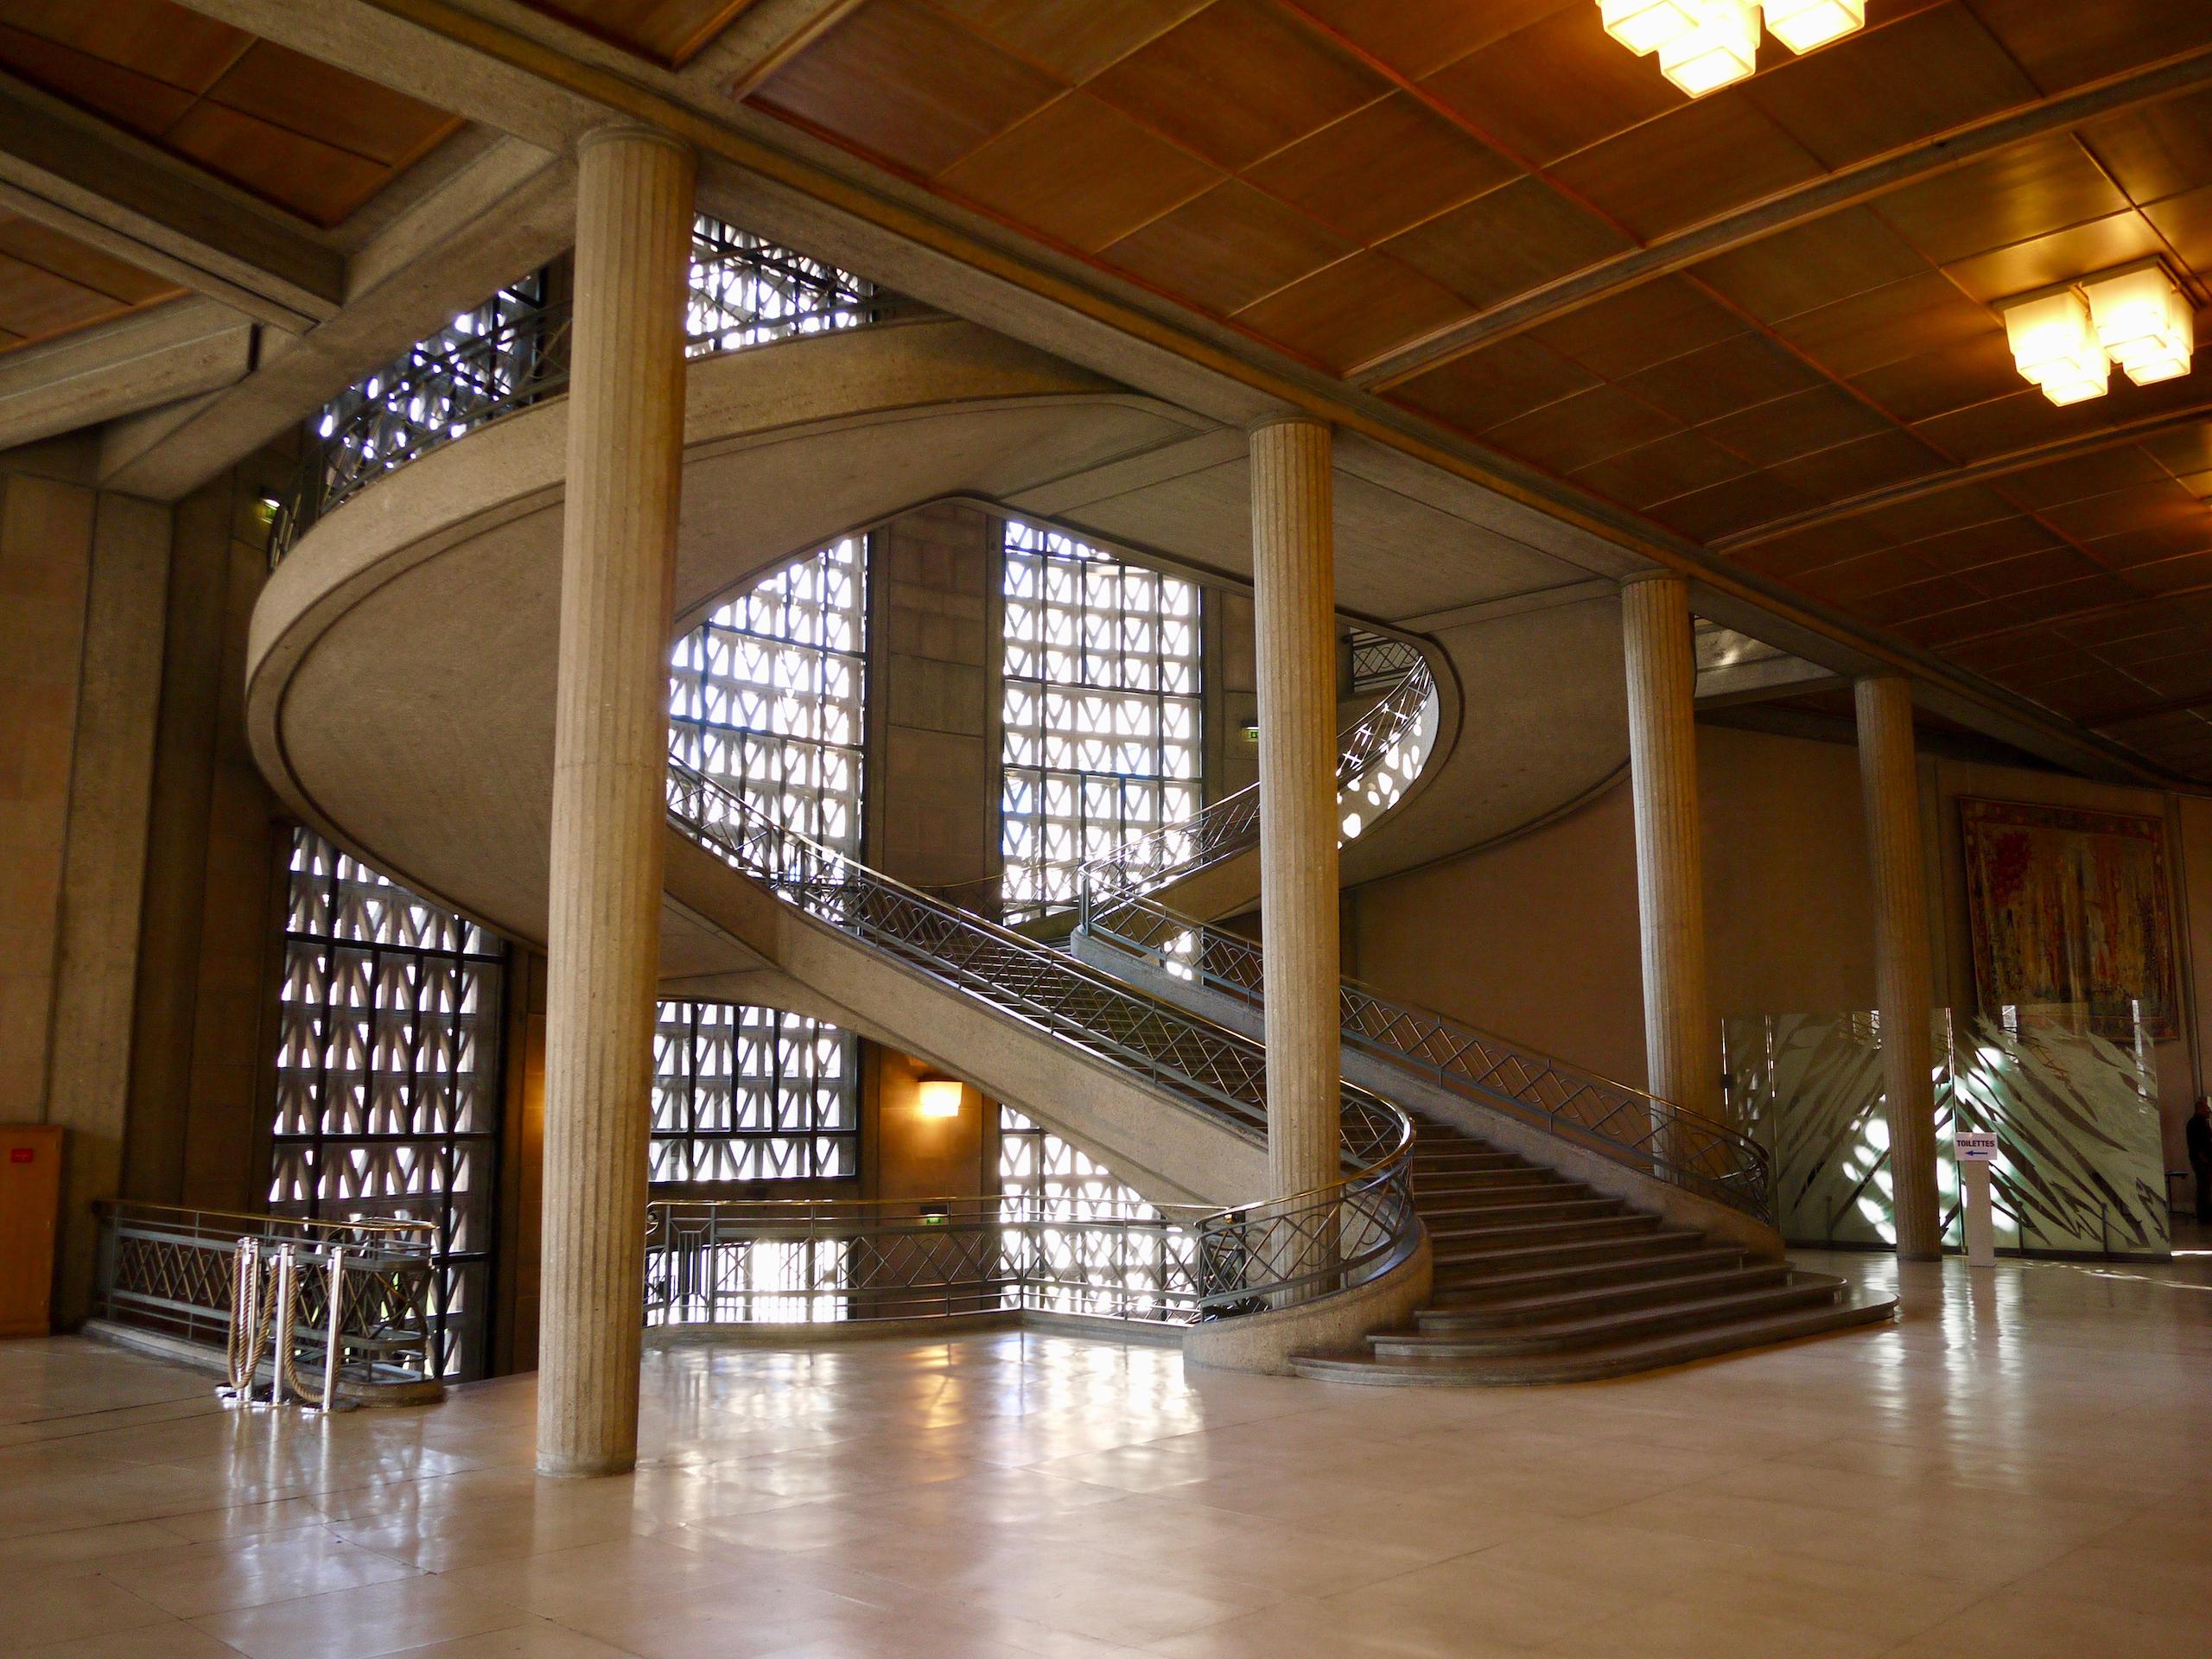 Architecture - Palais d'Iéna, Paris, France